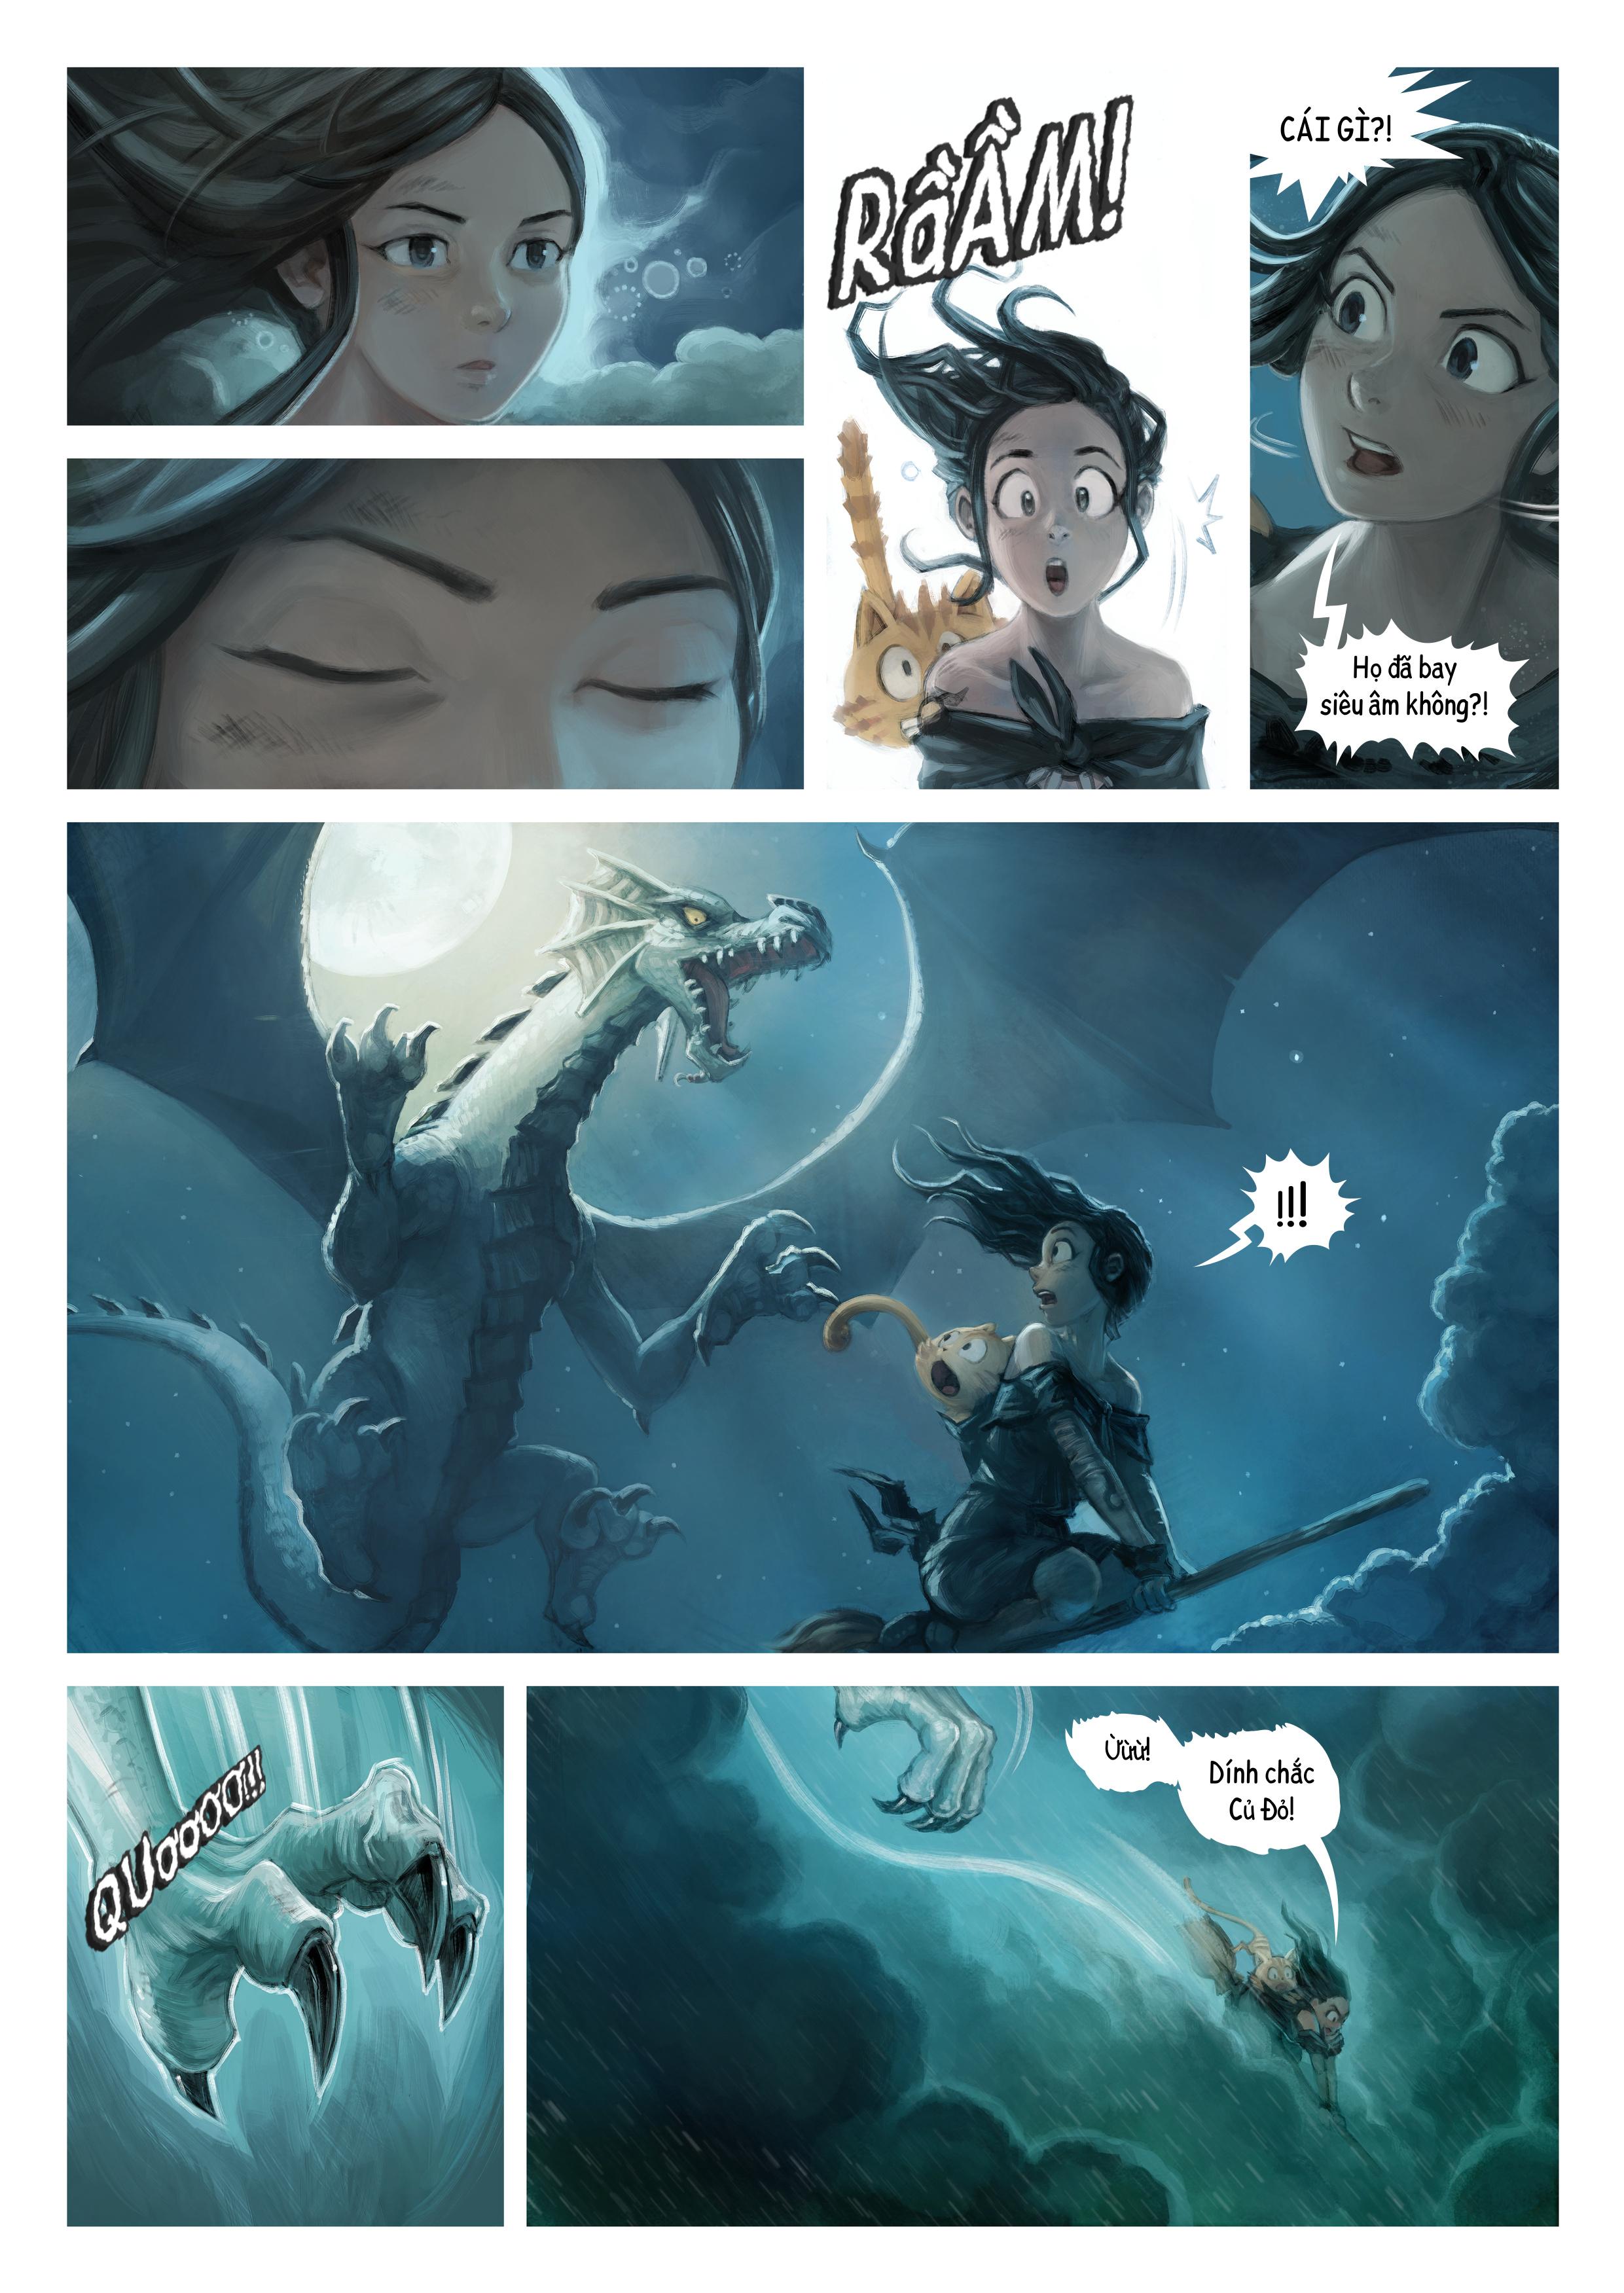 Tập 35: Ảnh Phản Xạ, Trang 4